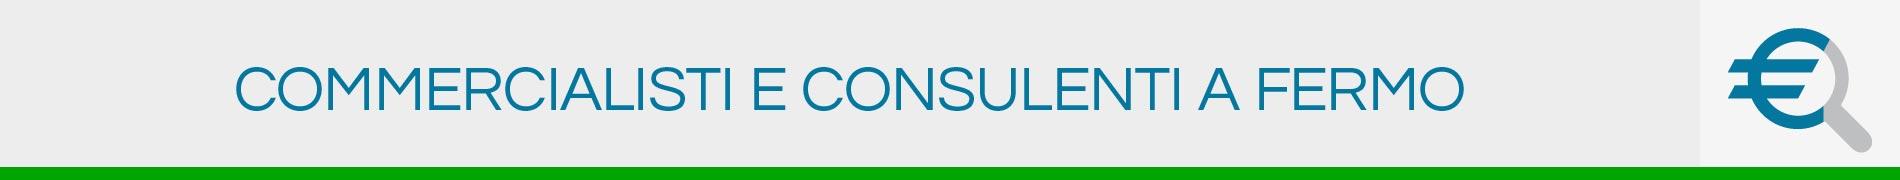 Commercialisti e Consulenti a Fermo